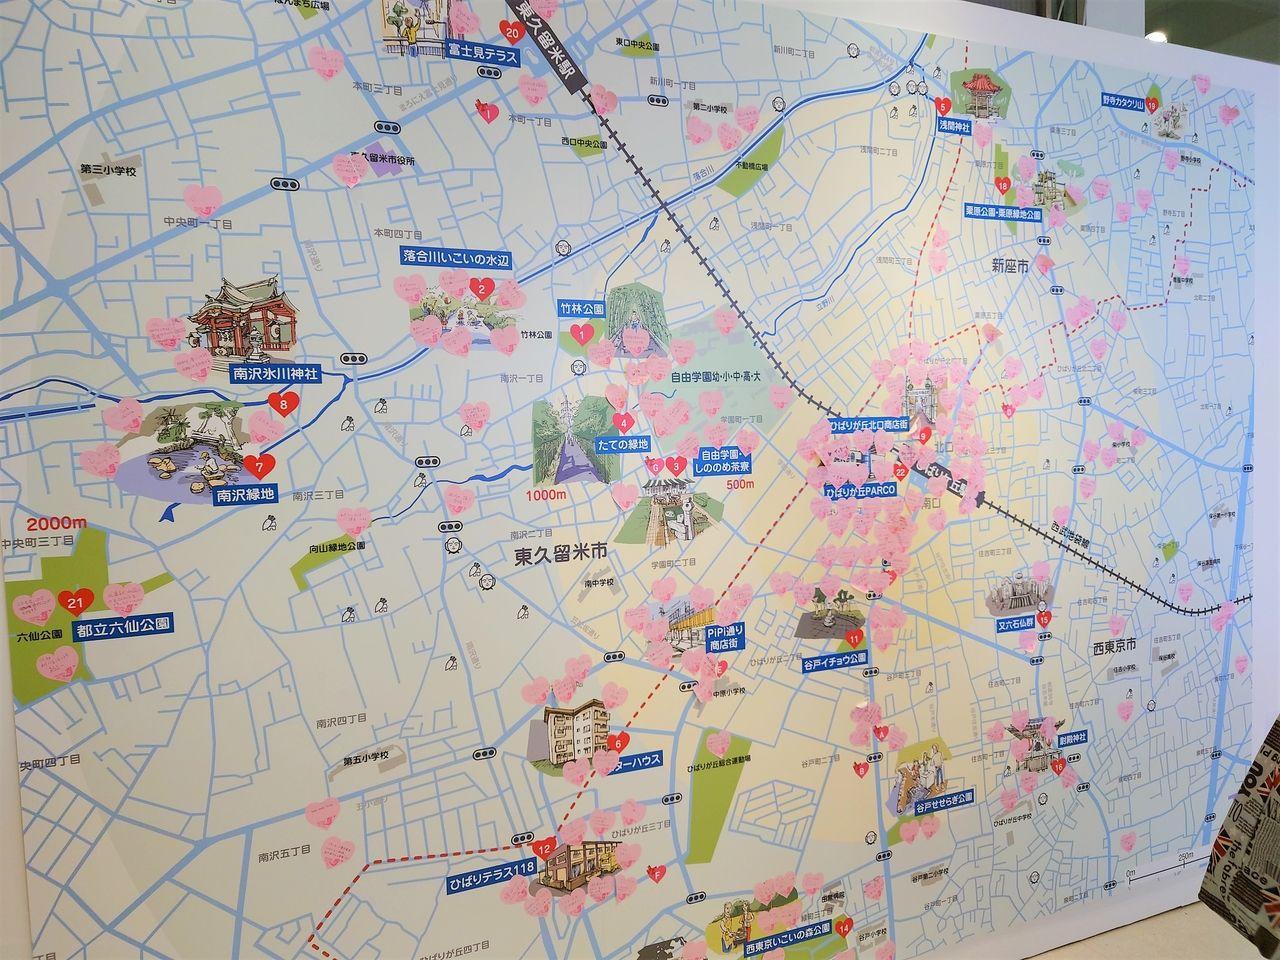 皆の書き込みの広がる地図